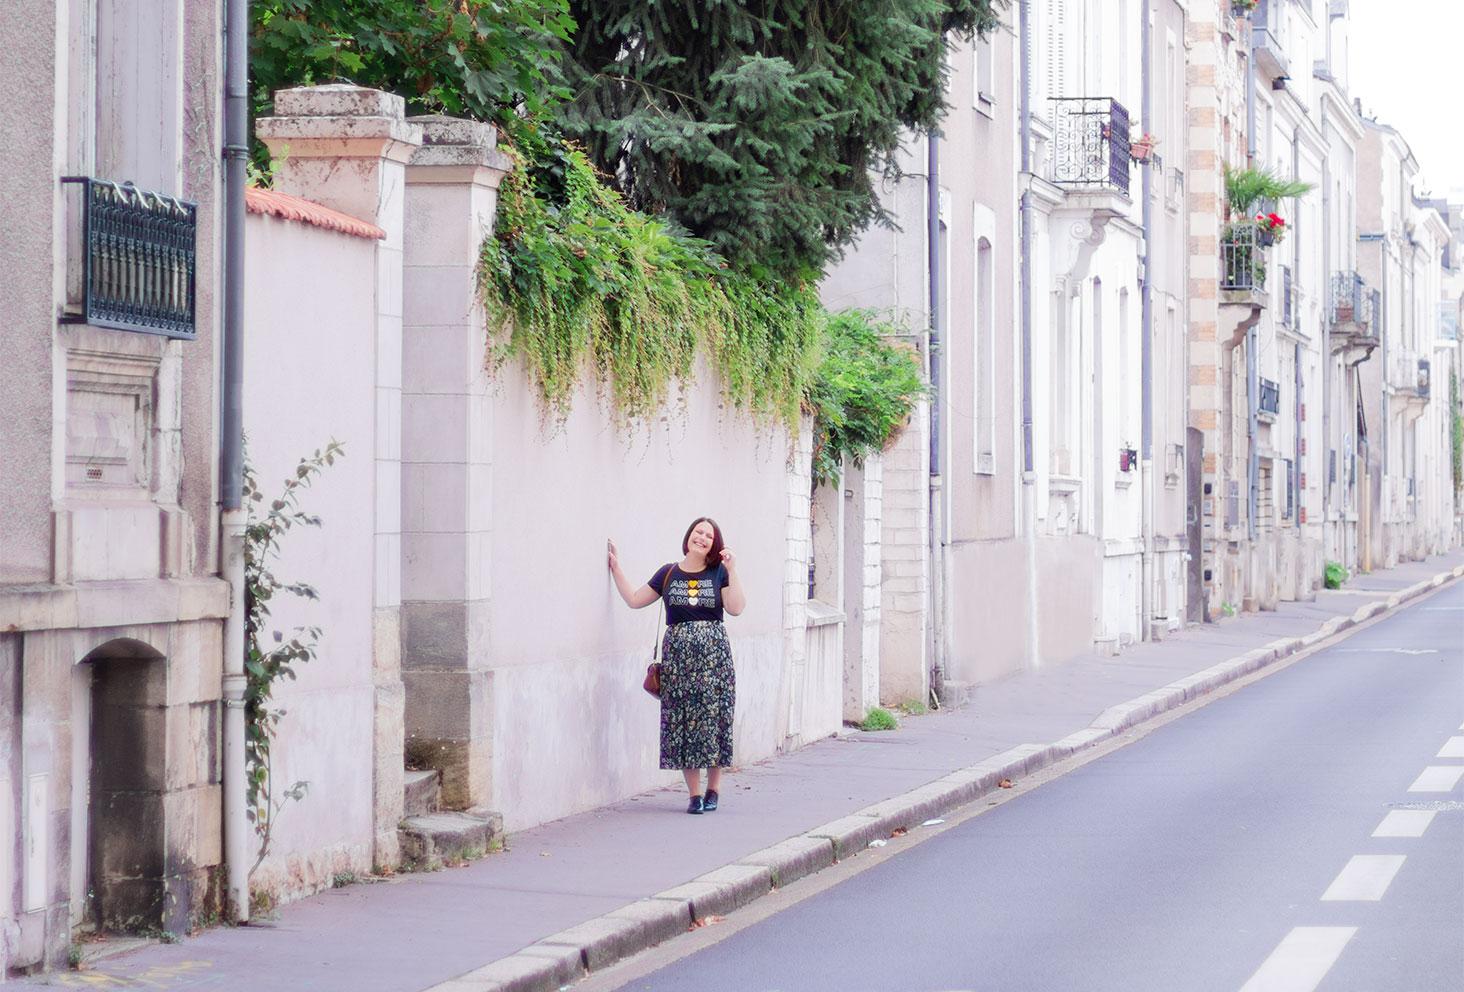 De loin sur le trottoir dans une rue tourangelle, pour un look de rentrée en longue jupe à fleurs et t-shirt plein d'amour